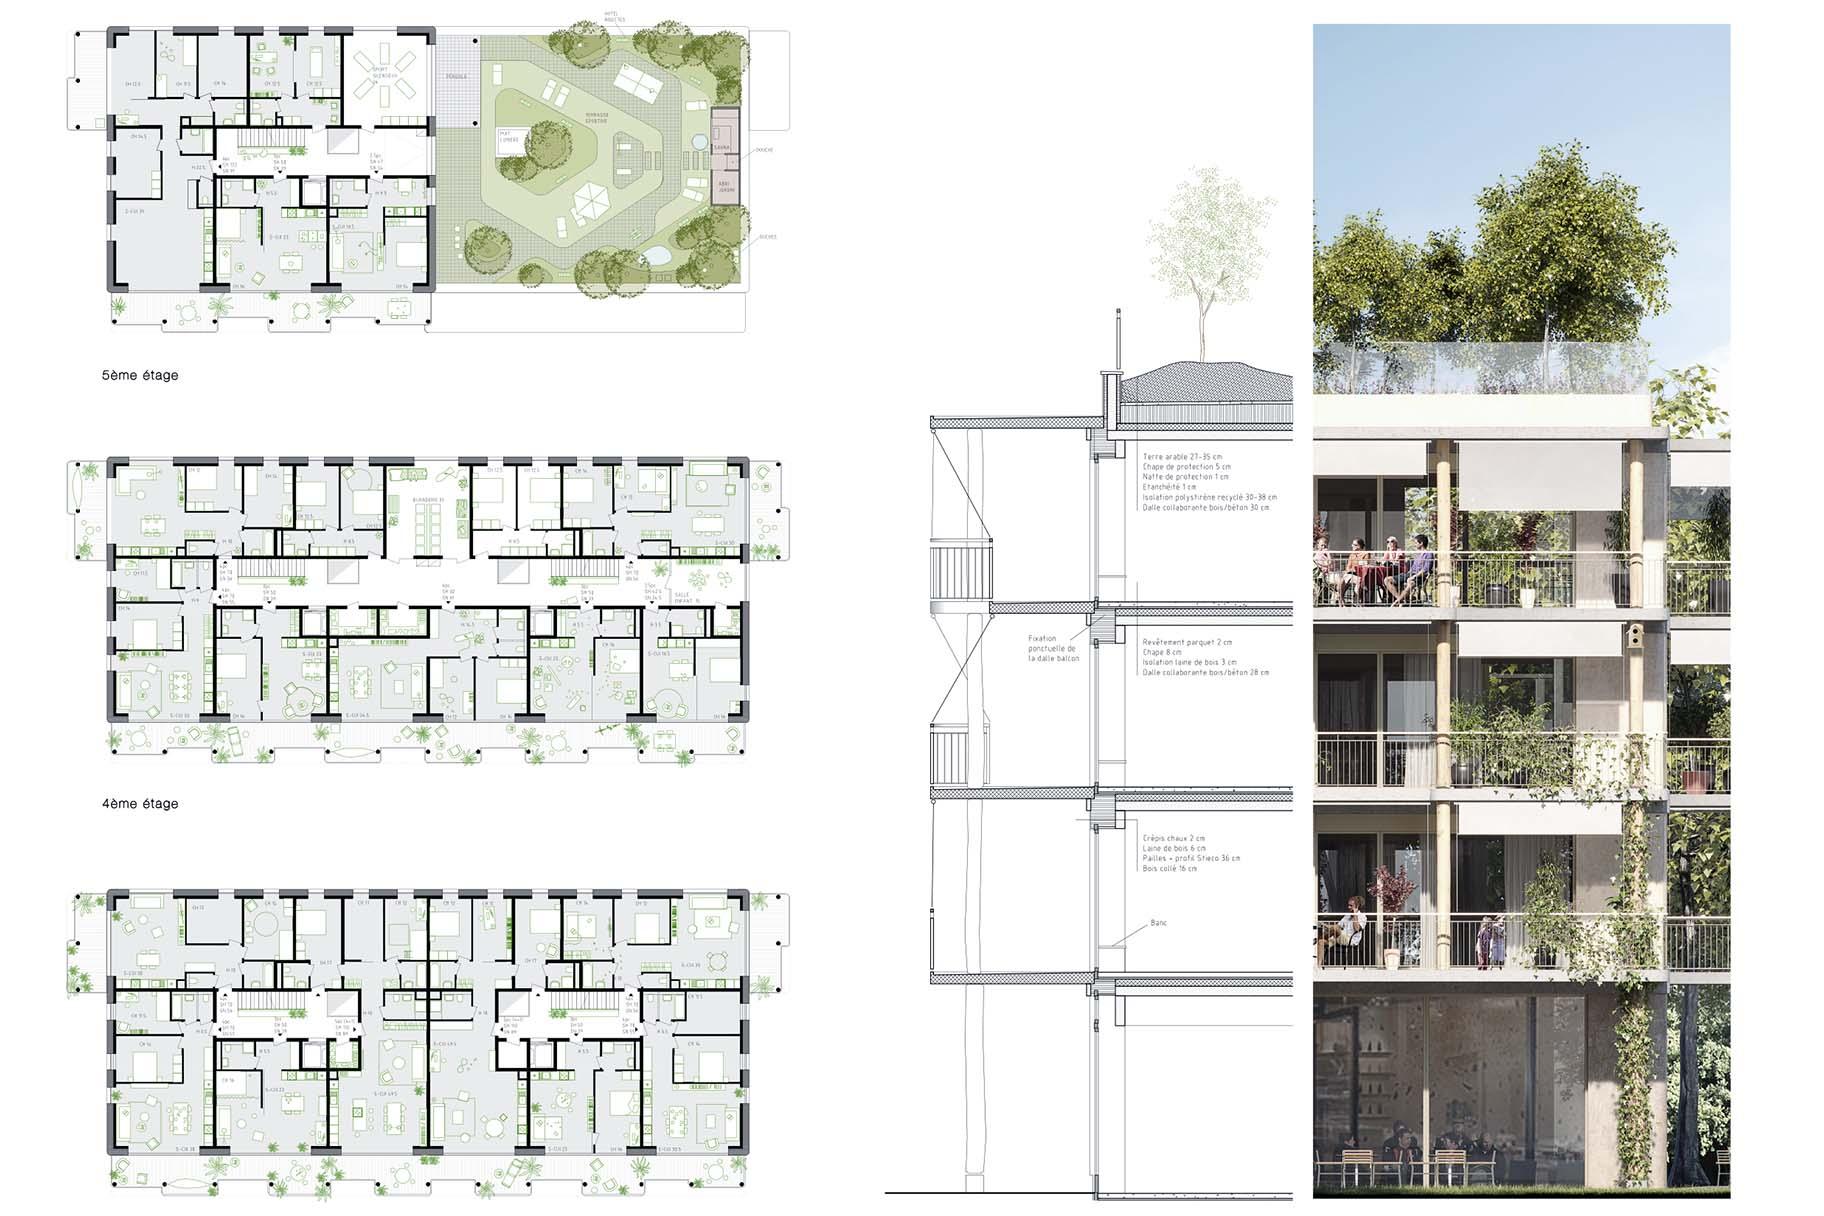 Plans, coupes et élévations du projet lauréat du concours de Chapelle-les-Sciers à Plan-les-Ouates, toitures végétalisées intensives par VIMADE Architecture du paysage.